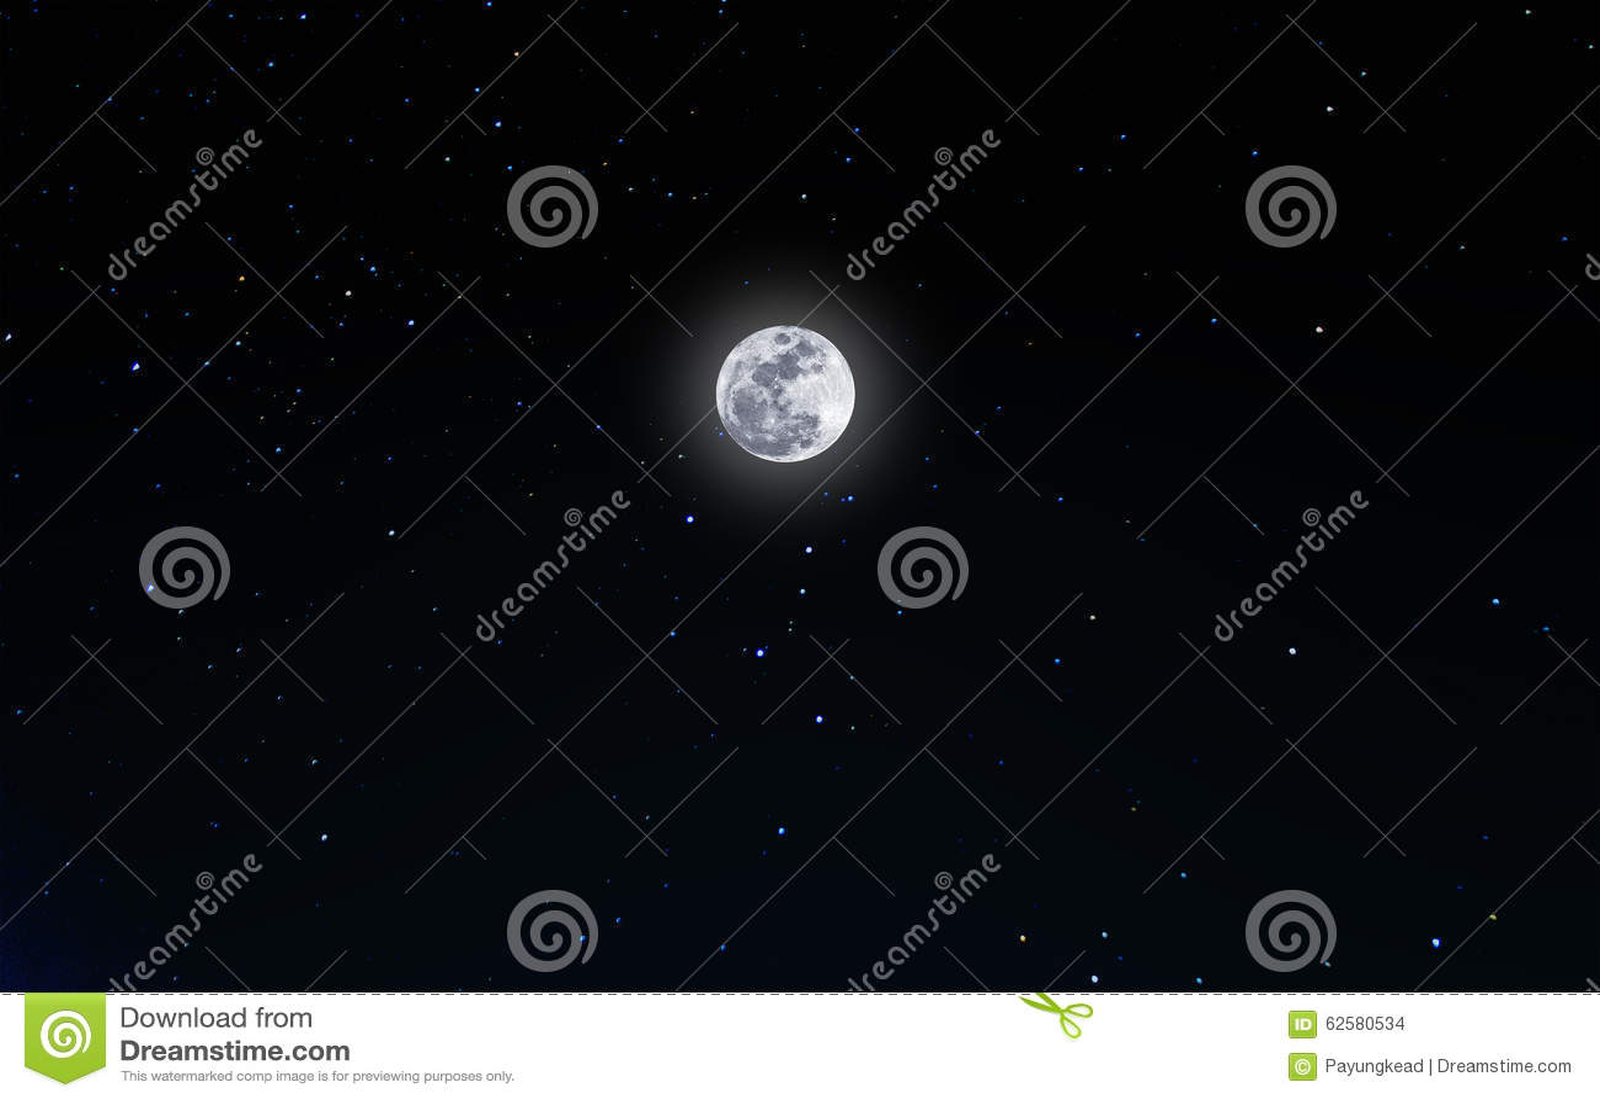 Imágenes Comunes Del Luna Llena En El Cielo Nocturno